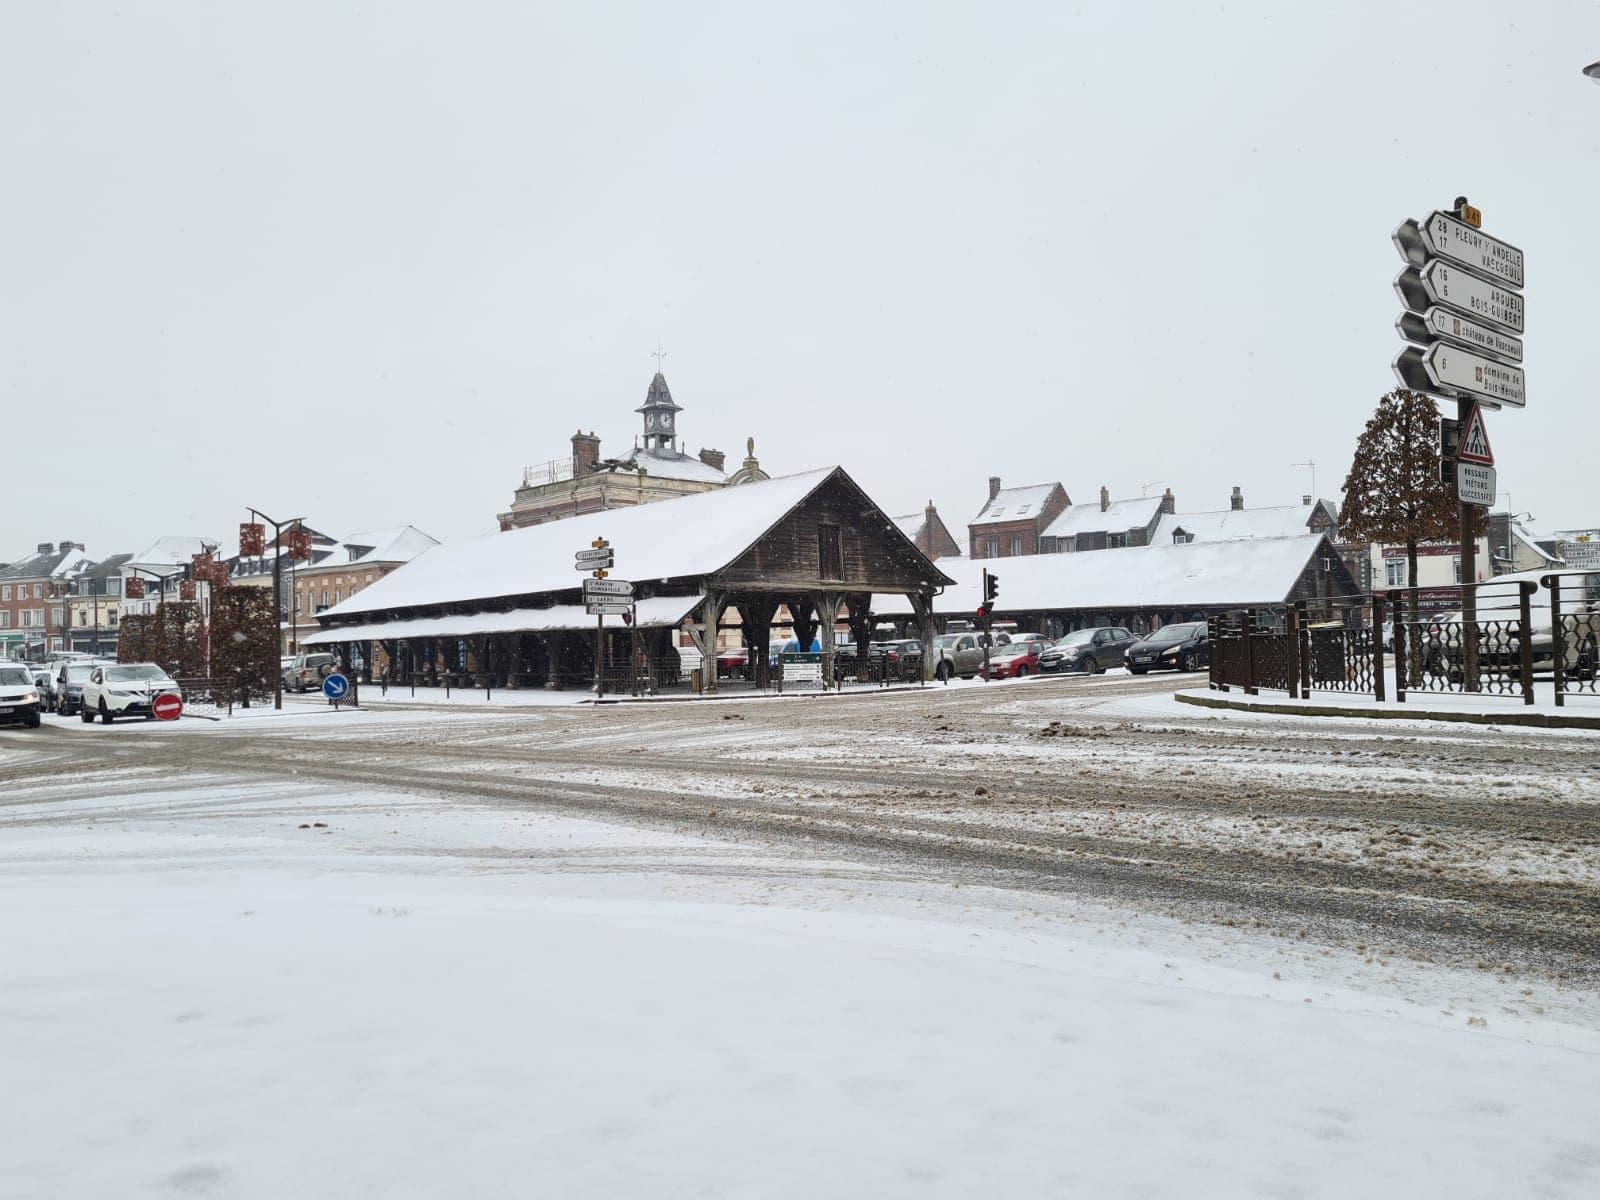 Buchy sous la neige - Janvier 2021